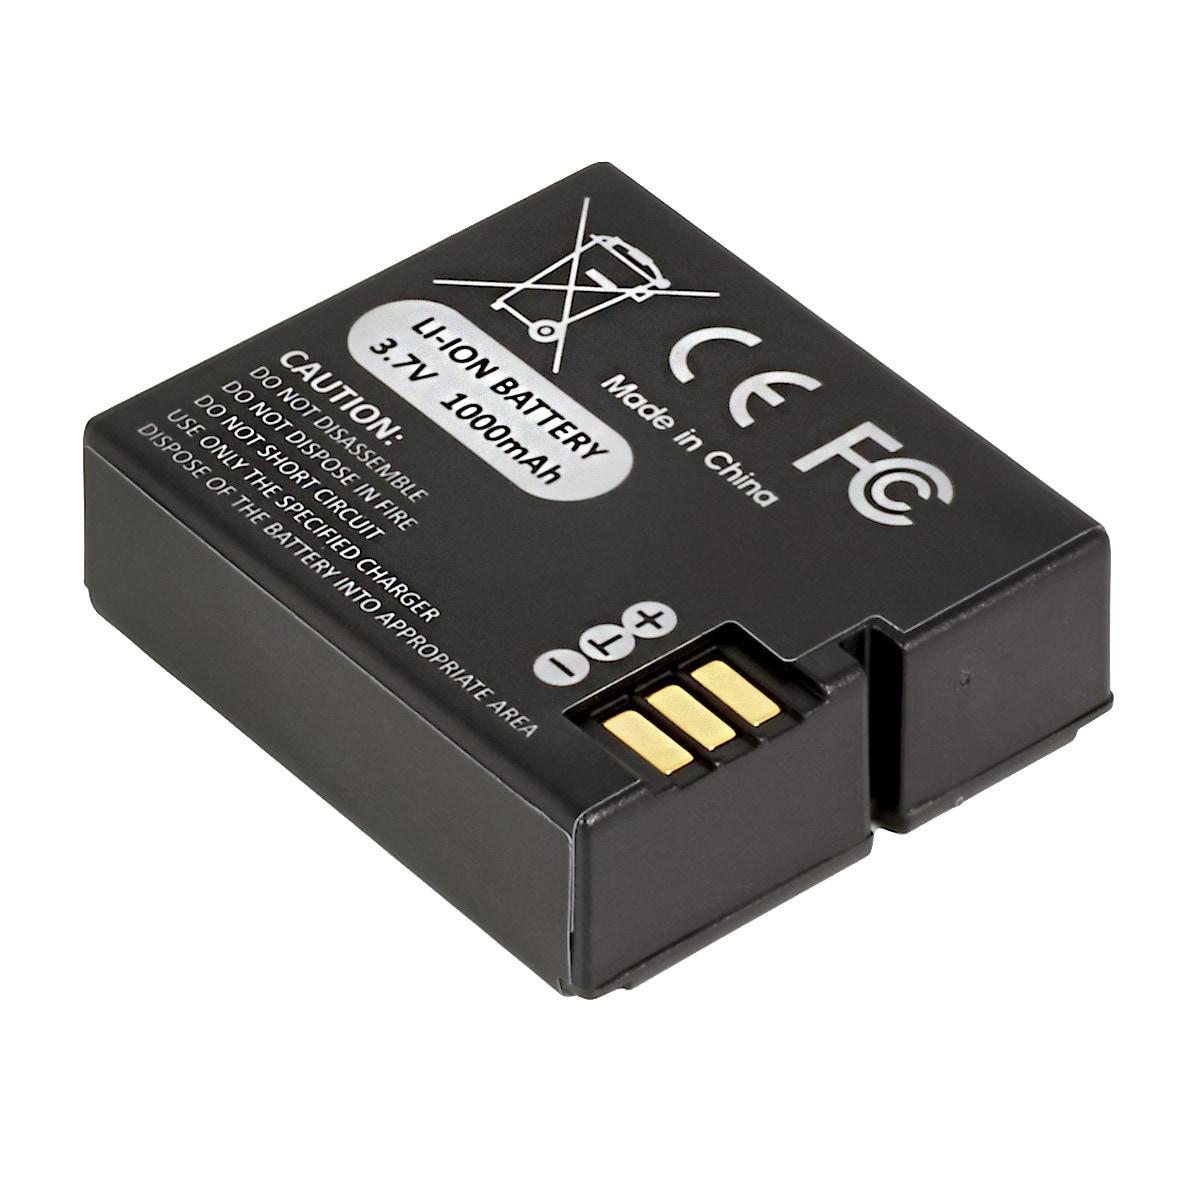 Akku AEE SD20 720P